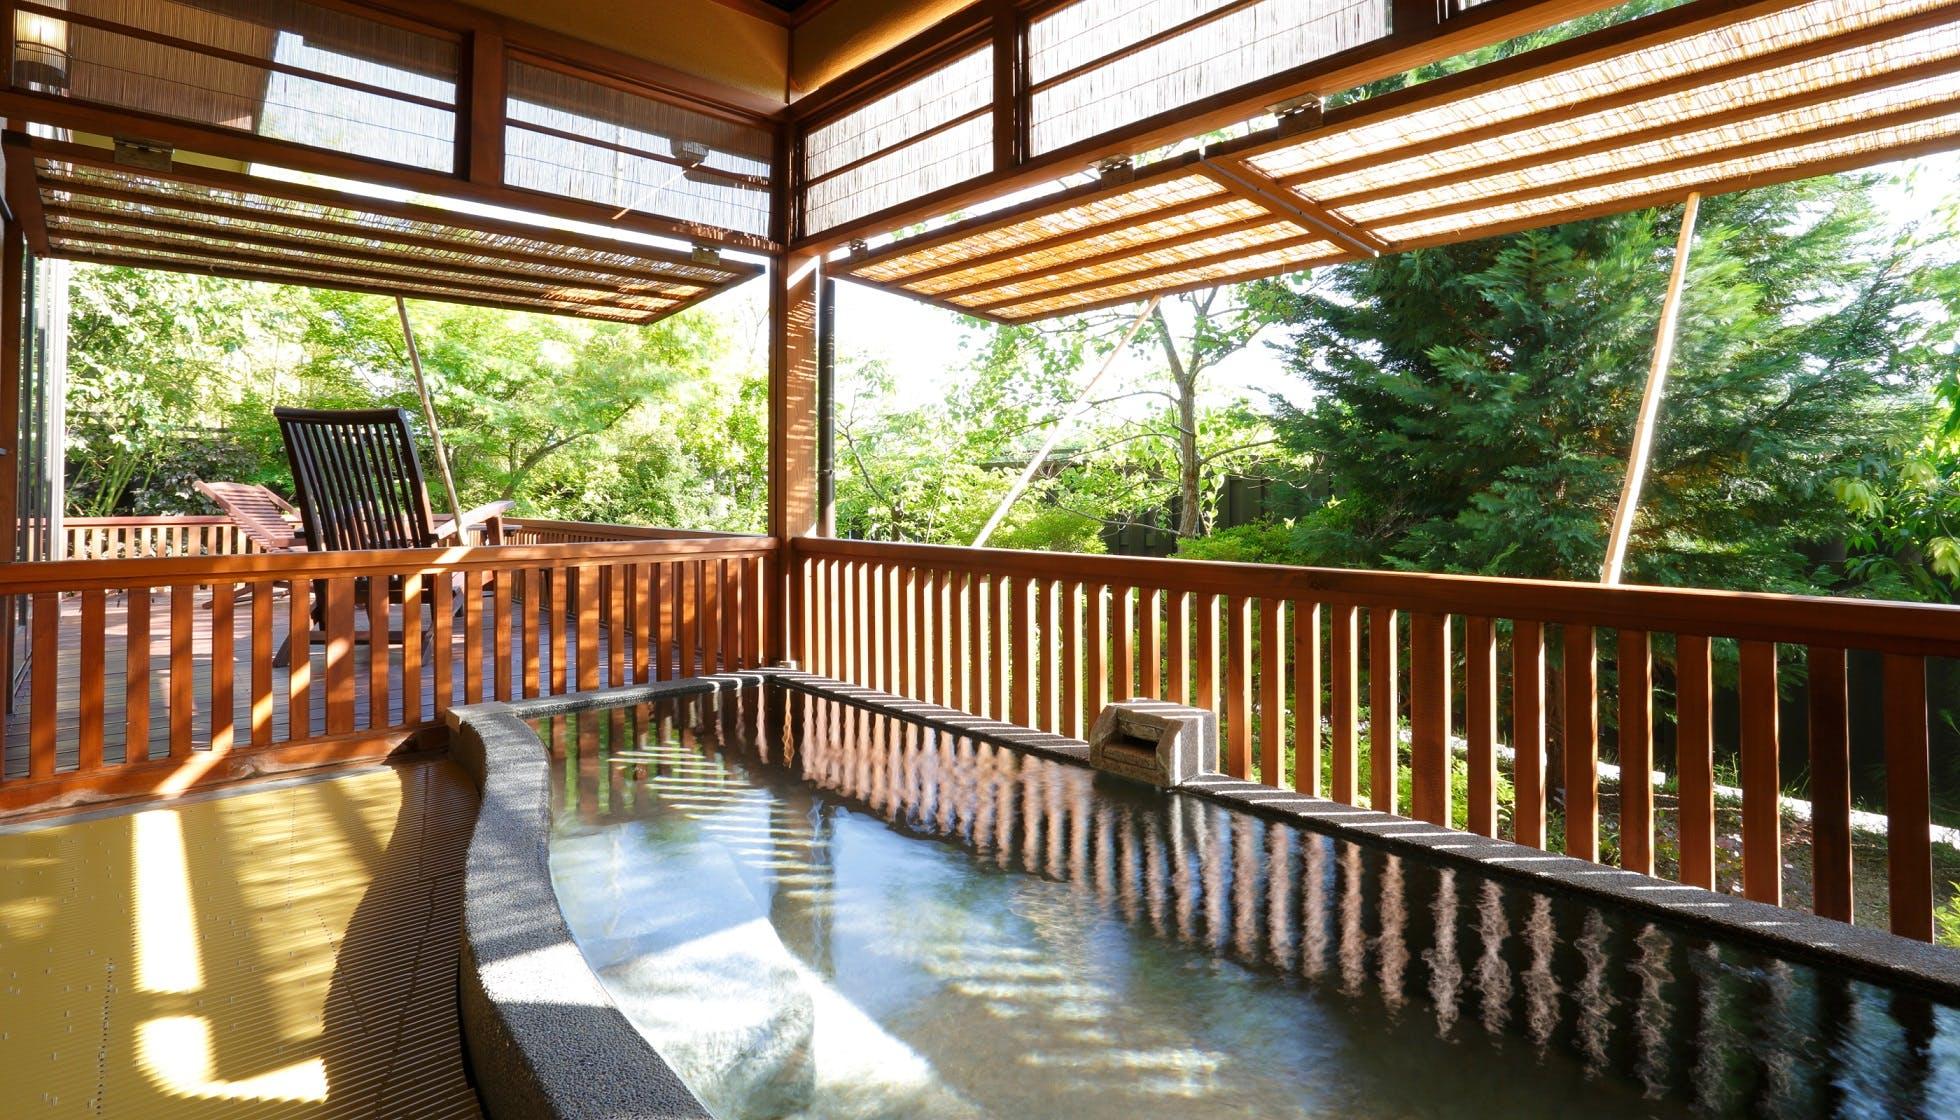 【有馬・城崎・夕日ヶ浦温泉】関西の露天風呂付客室がある宿特集